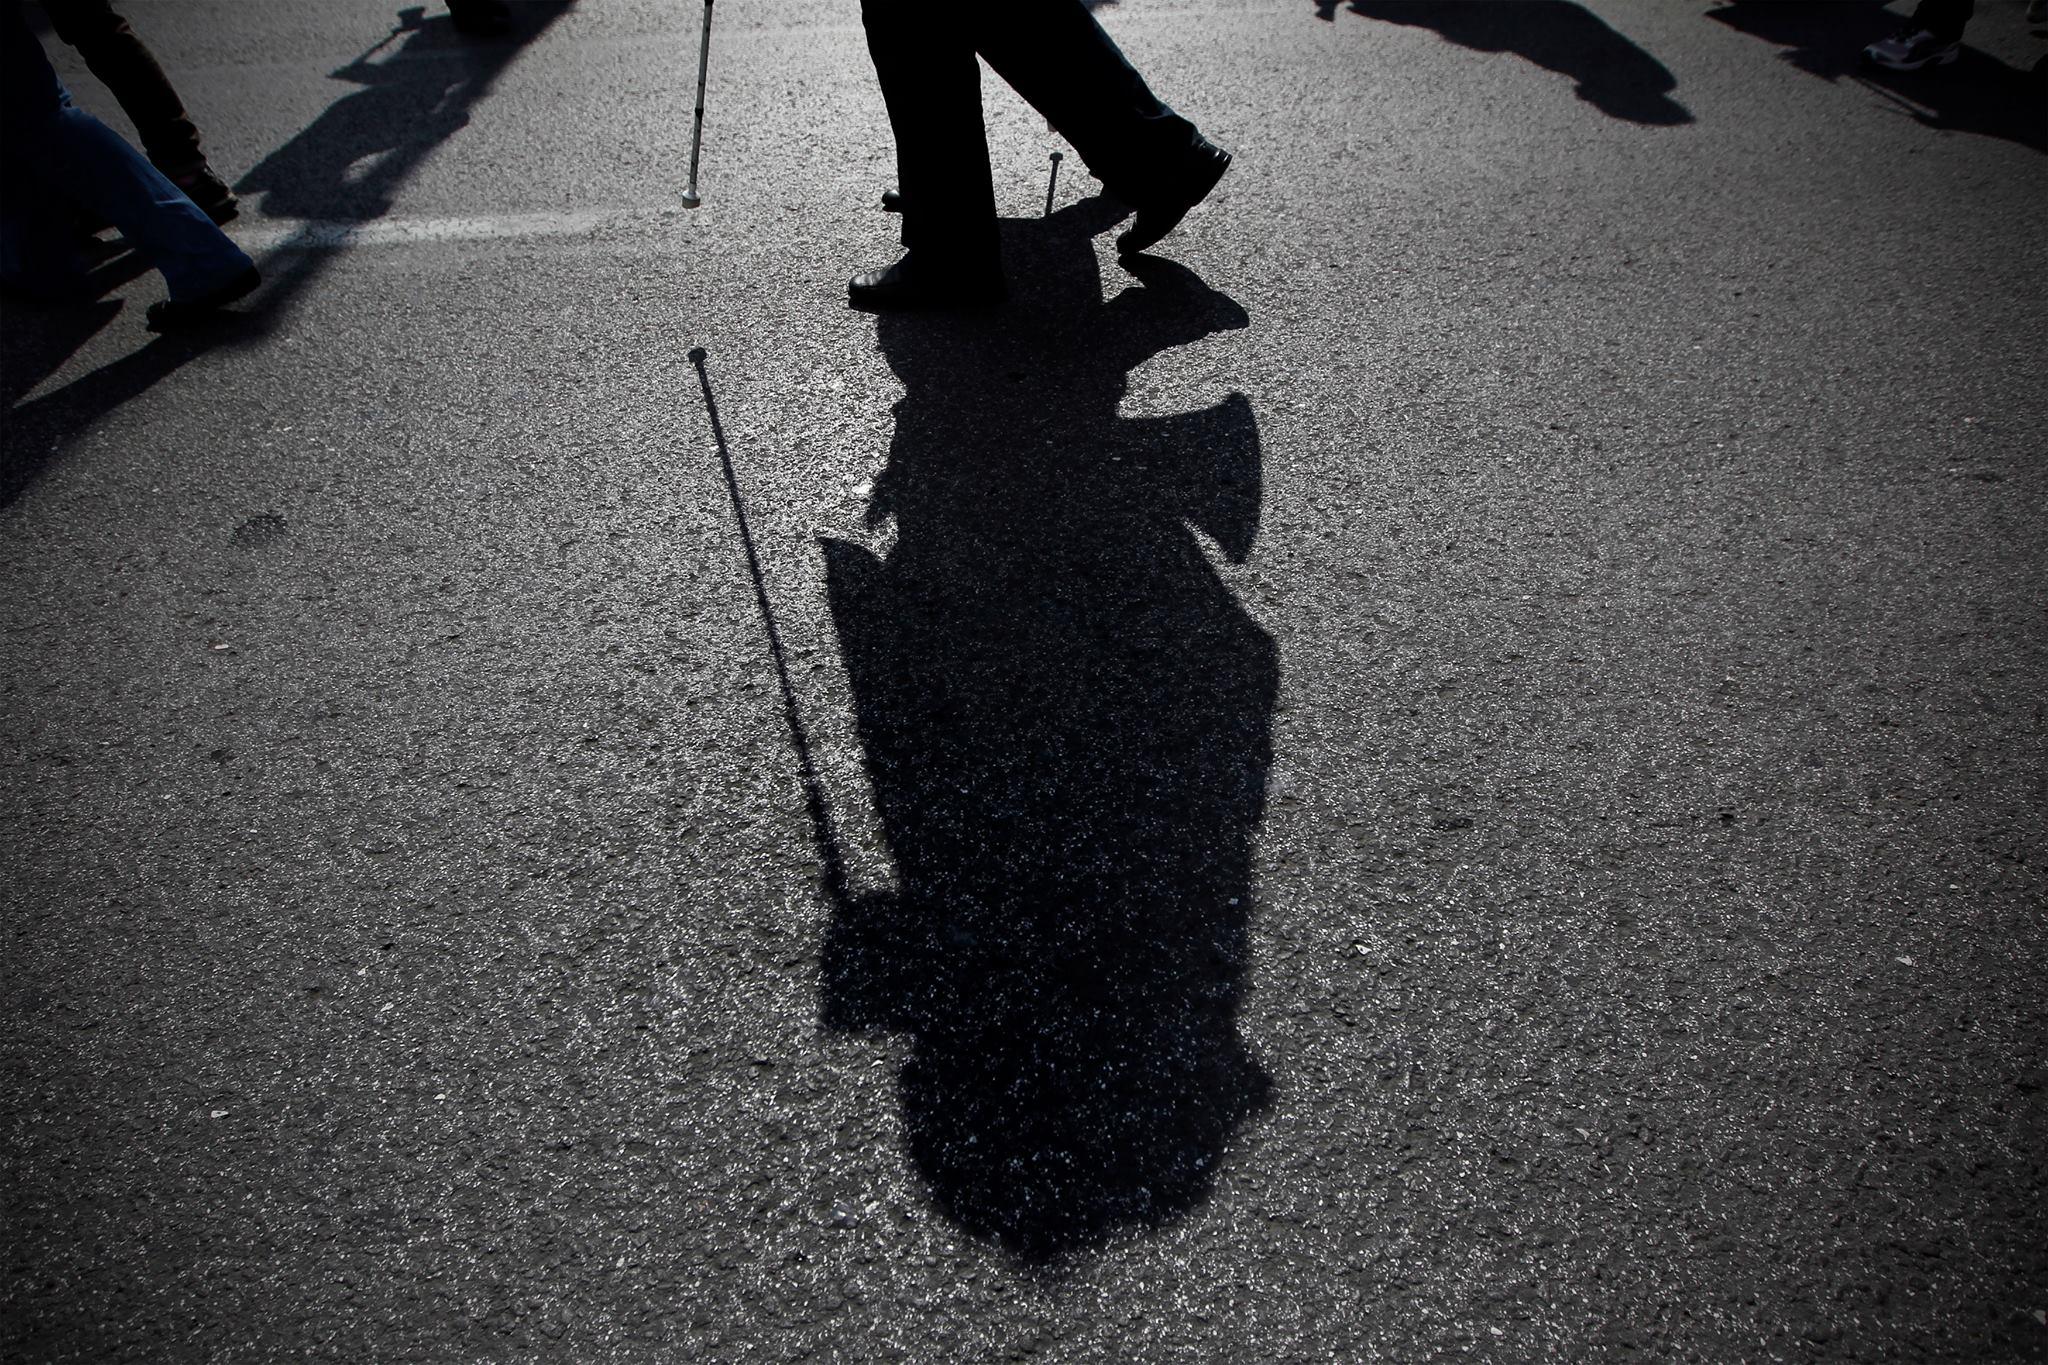 უსინათლი პირები © EPA/ALKIS KONSTANTINIDIS